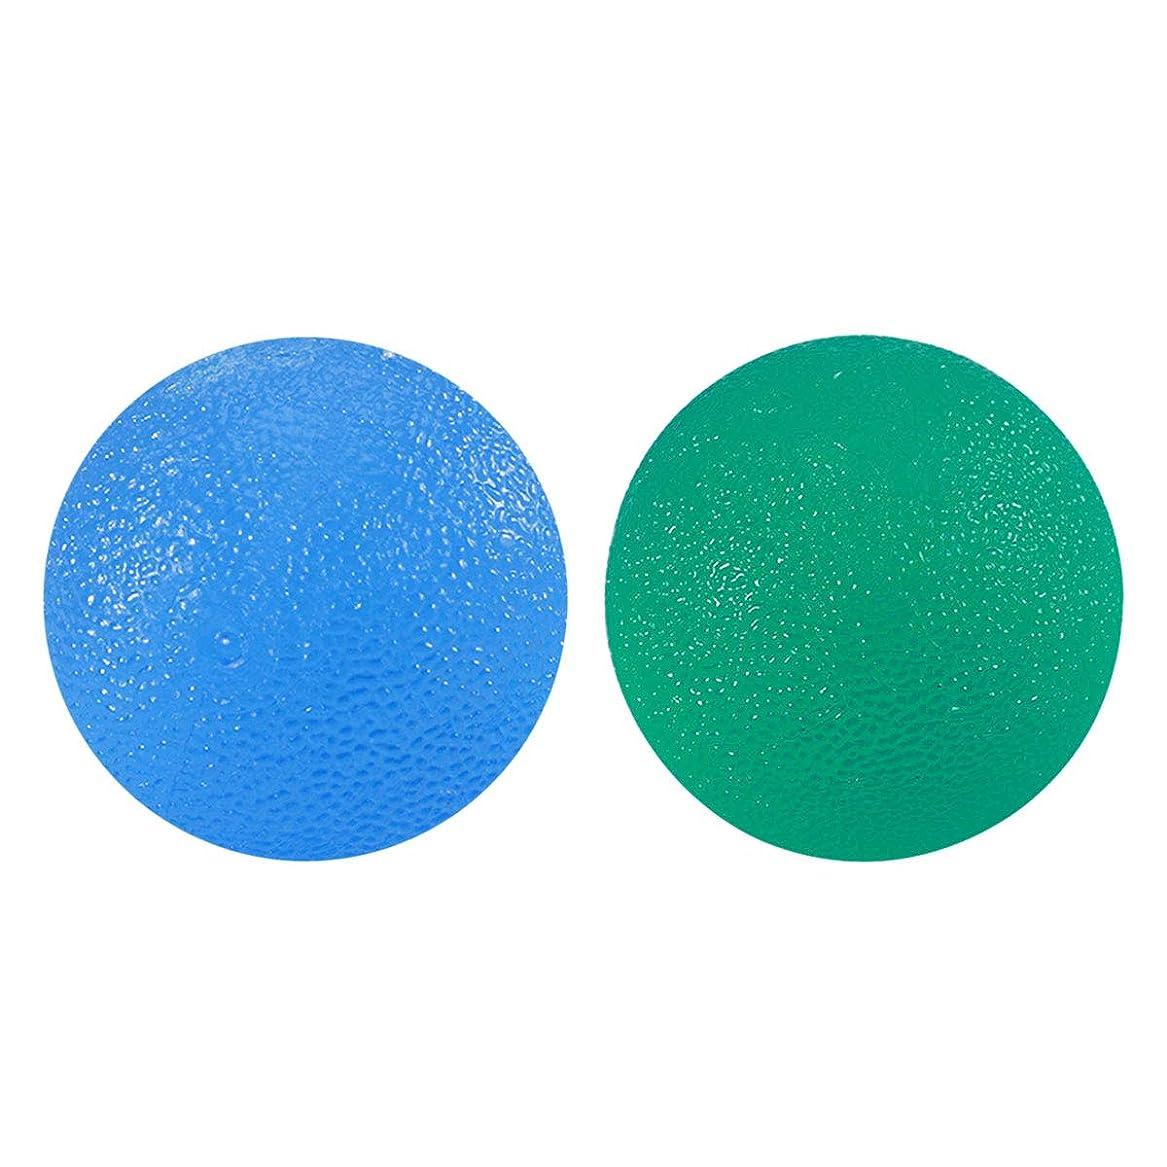 聖歌保存見捨てられたHEALIFTY 2本の中国の健康運動マッサージボールのストレスは、手の運動(緑と青)